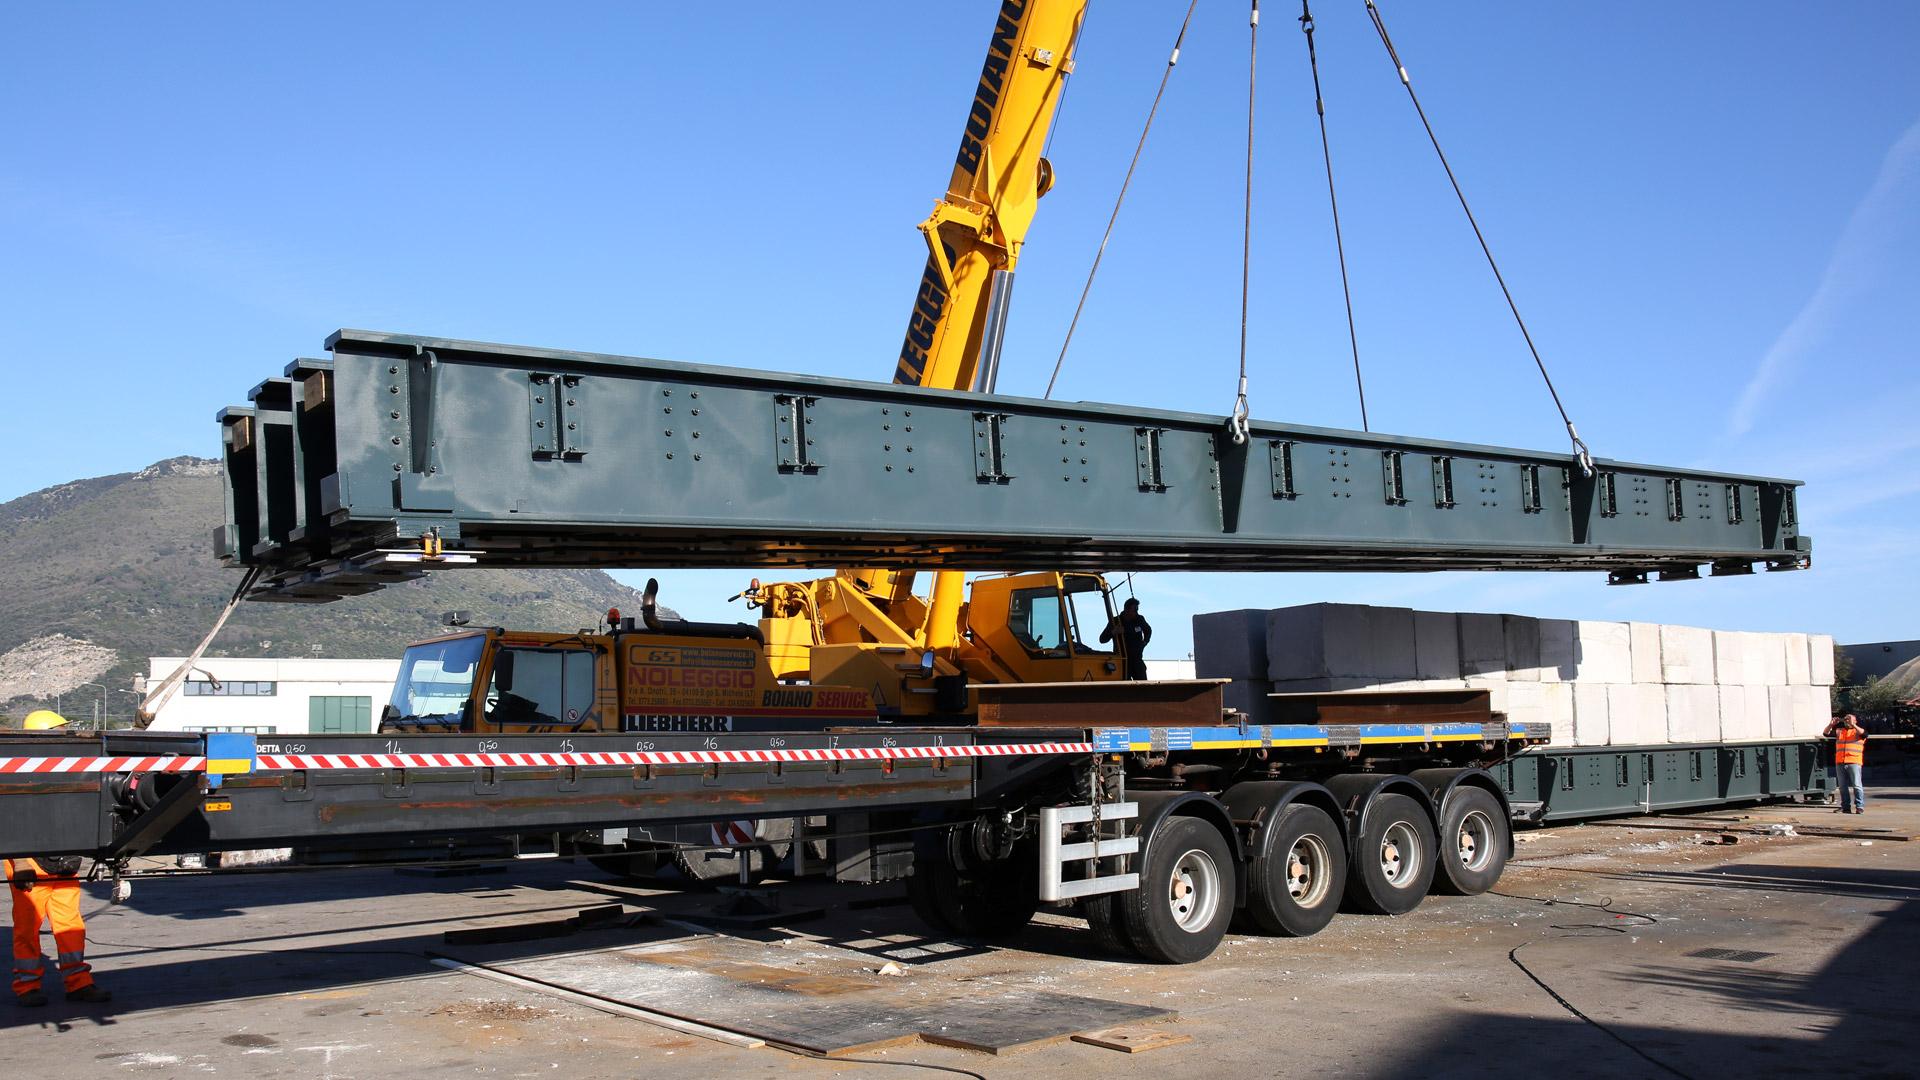 ponte-ferroviario-fiume-cavata-metal-engineering-carpenteria-civile-carico